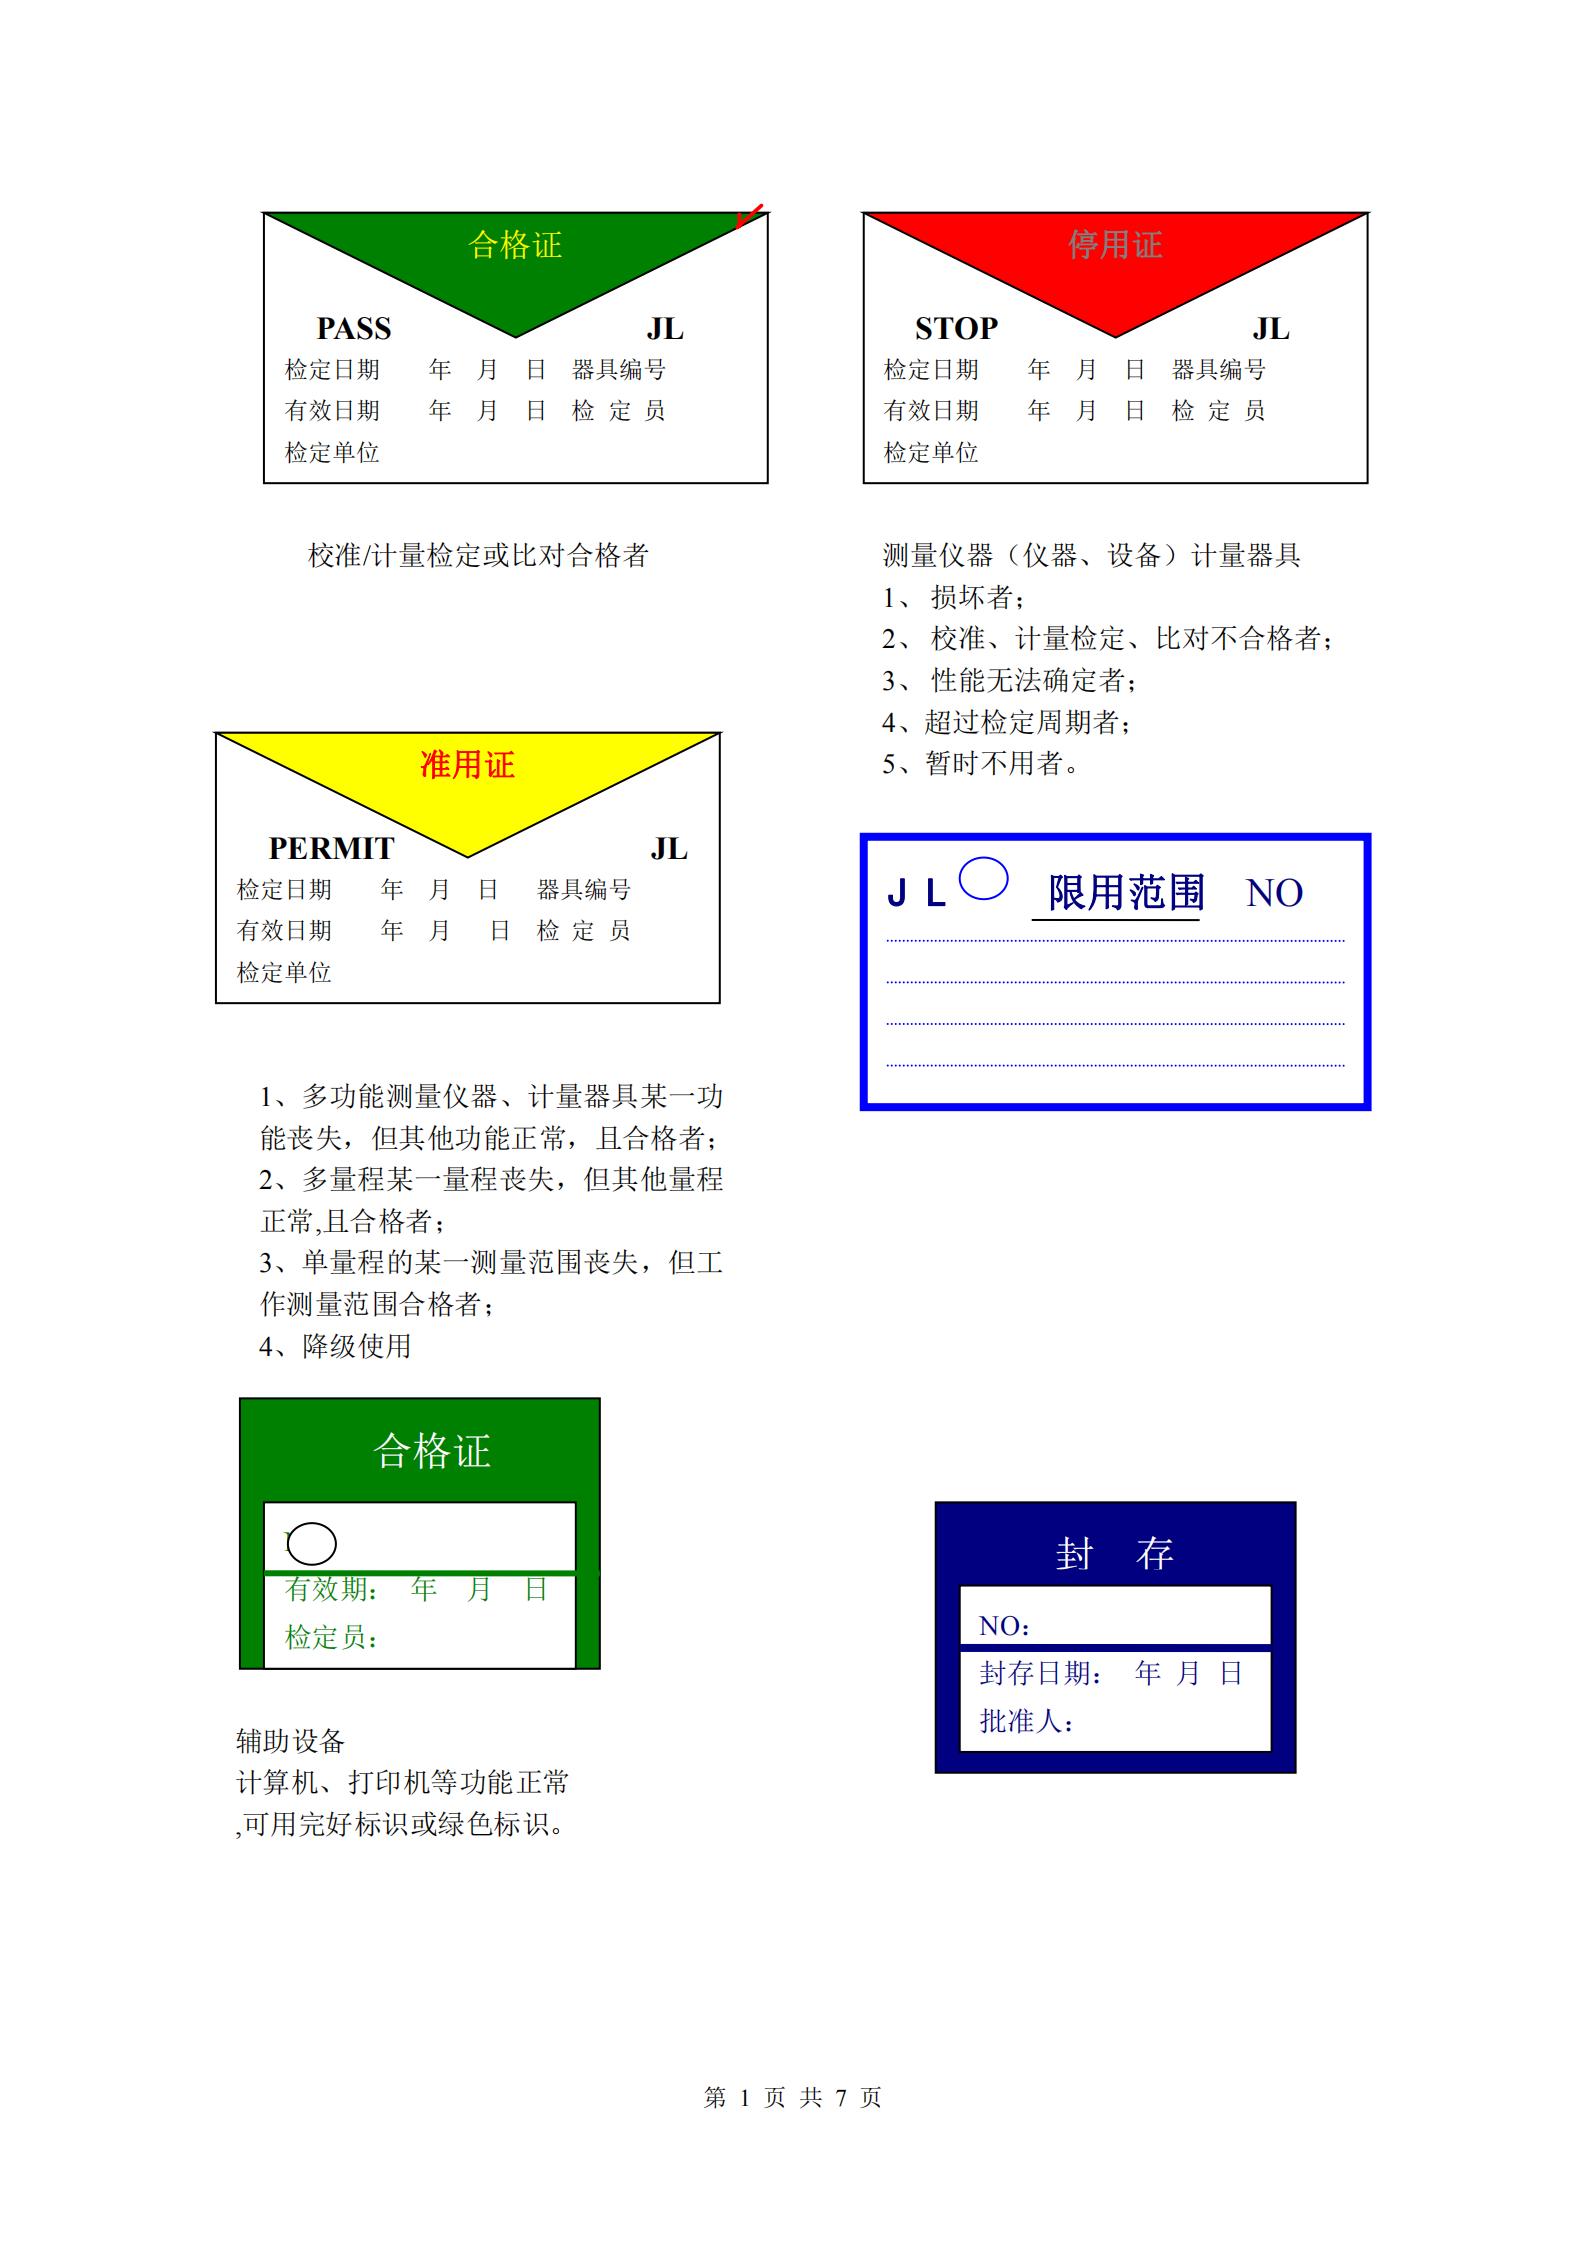 分包报告格式_00.png